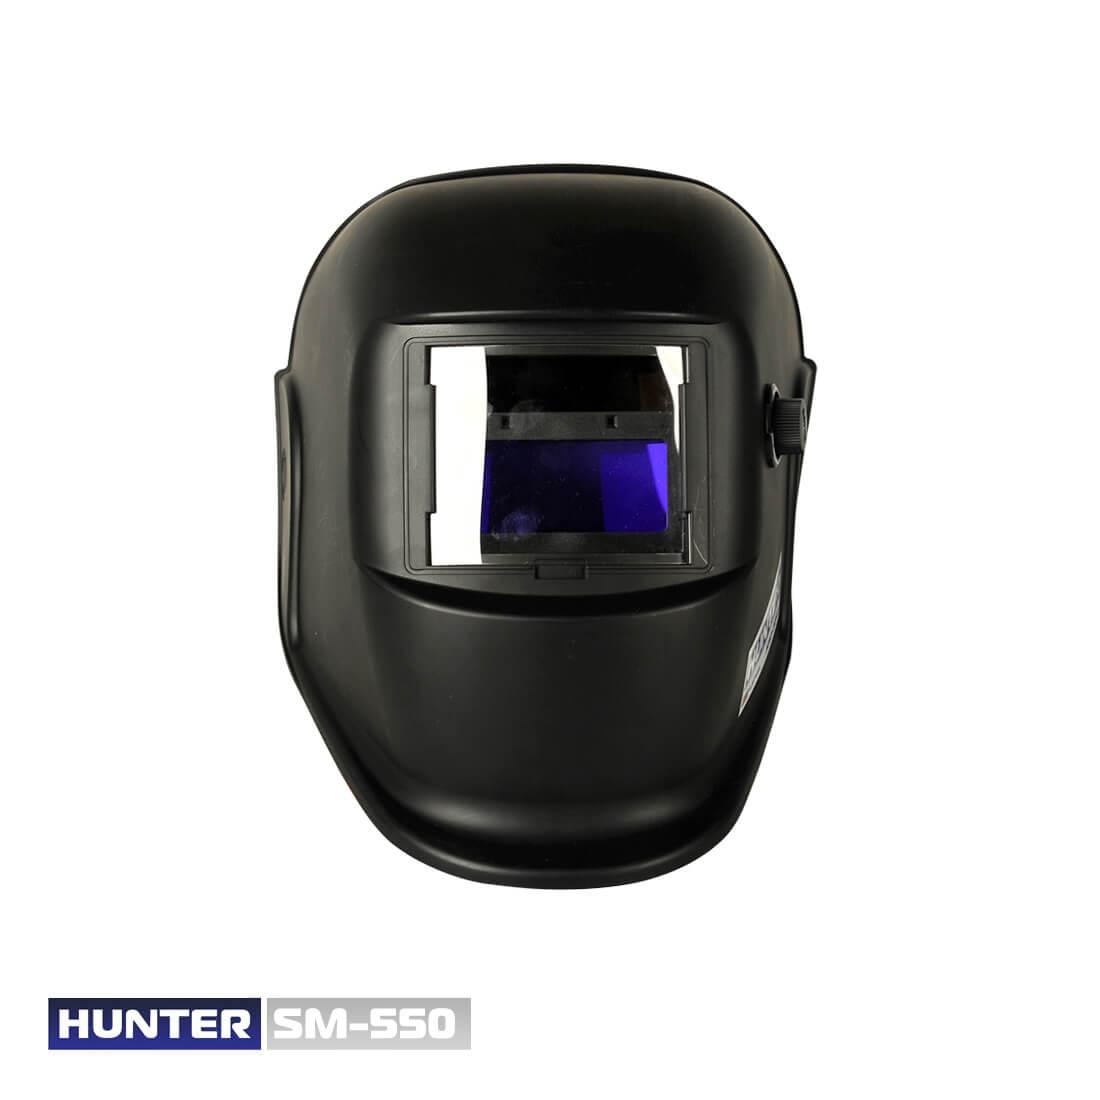 Фото SM-550 цена 750грн №2 — Hunter